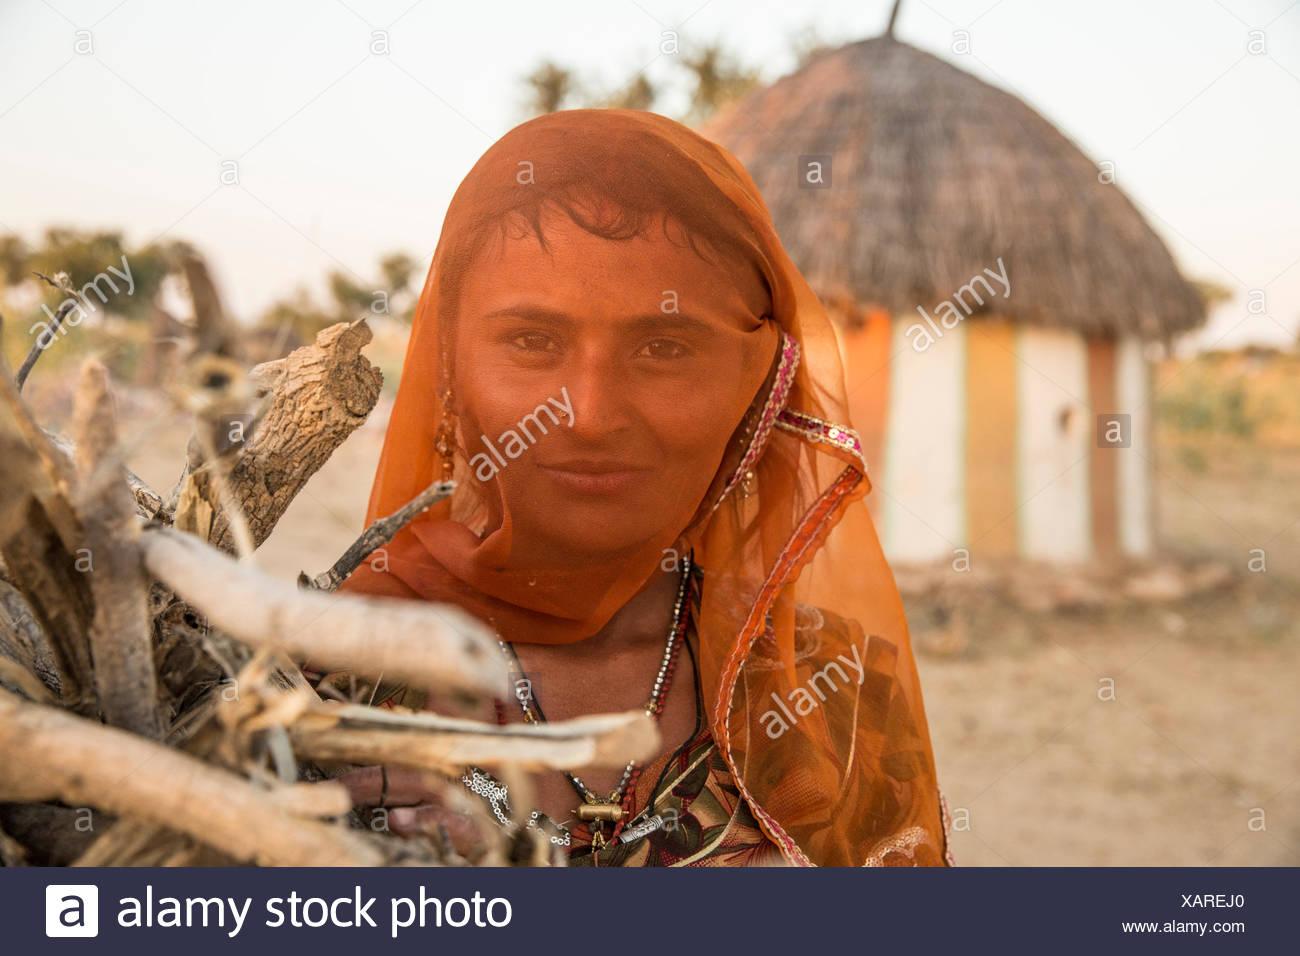 Indian, woman, India, veil, hut, Asia, - Stock Image